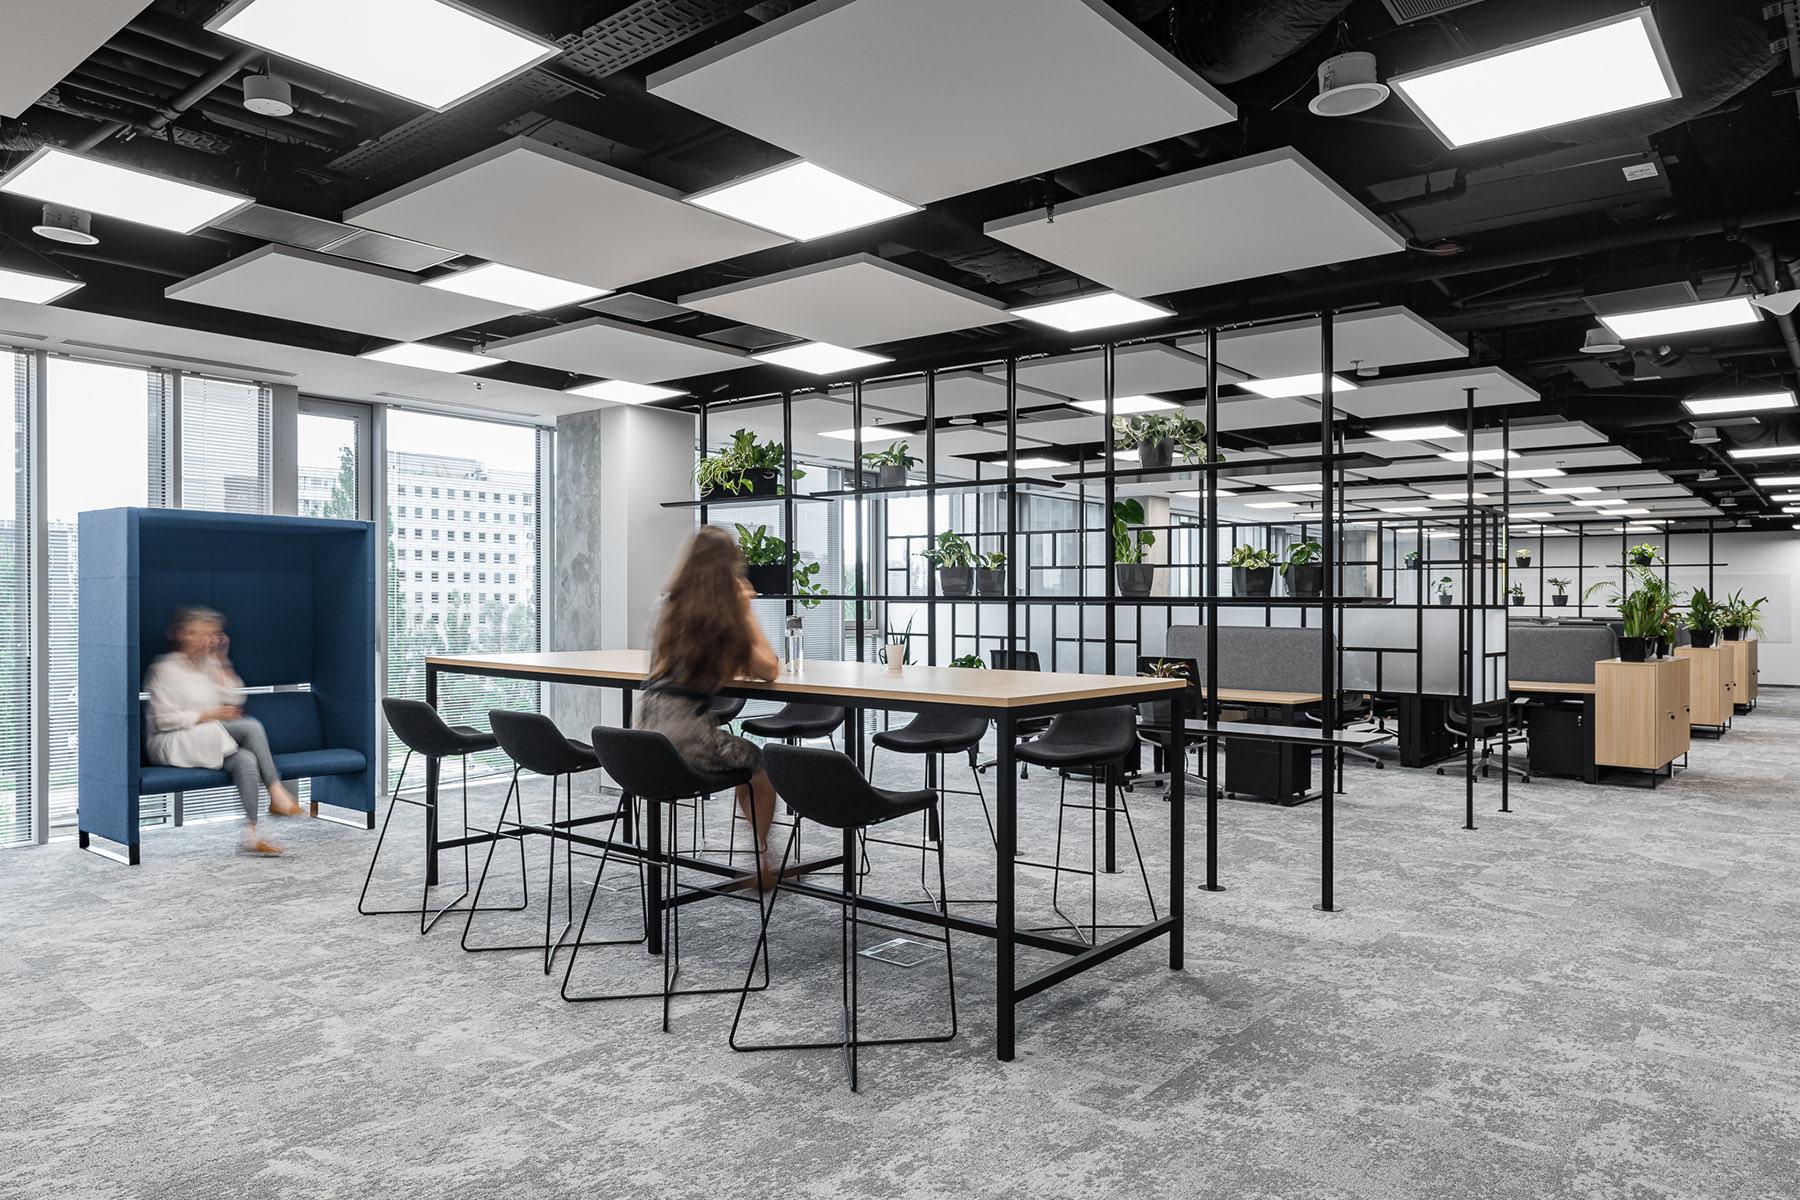 chep-polska-office-13